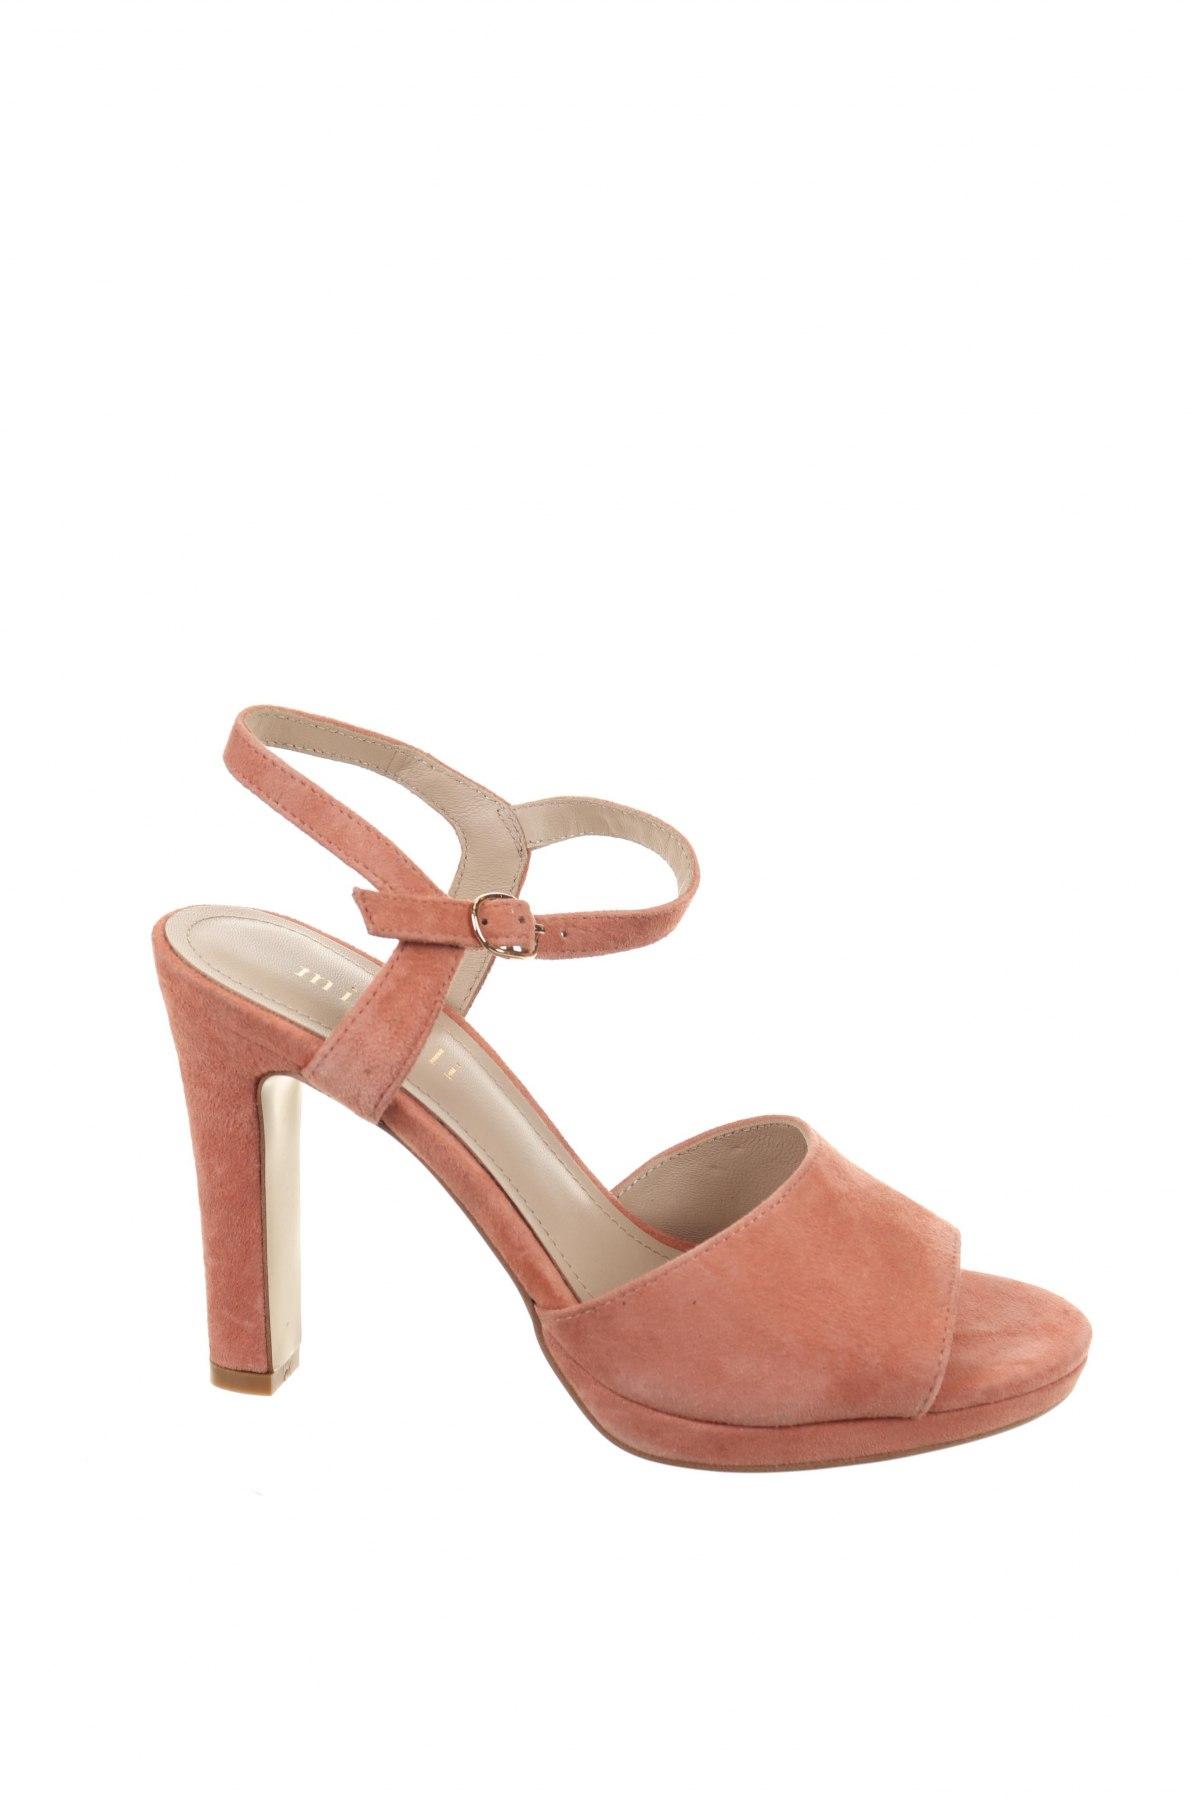 Σανδάλια Minelli, Μέγεθος 37, Χρώμα Ρόζ , Φυσικό σουέτ, Τιμή 35,58€